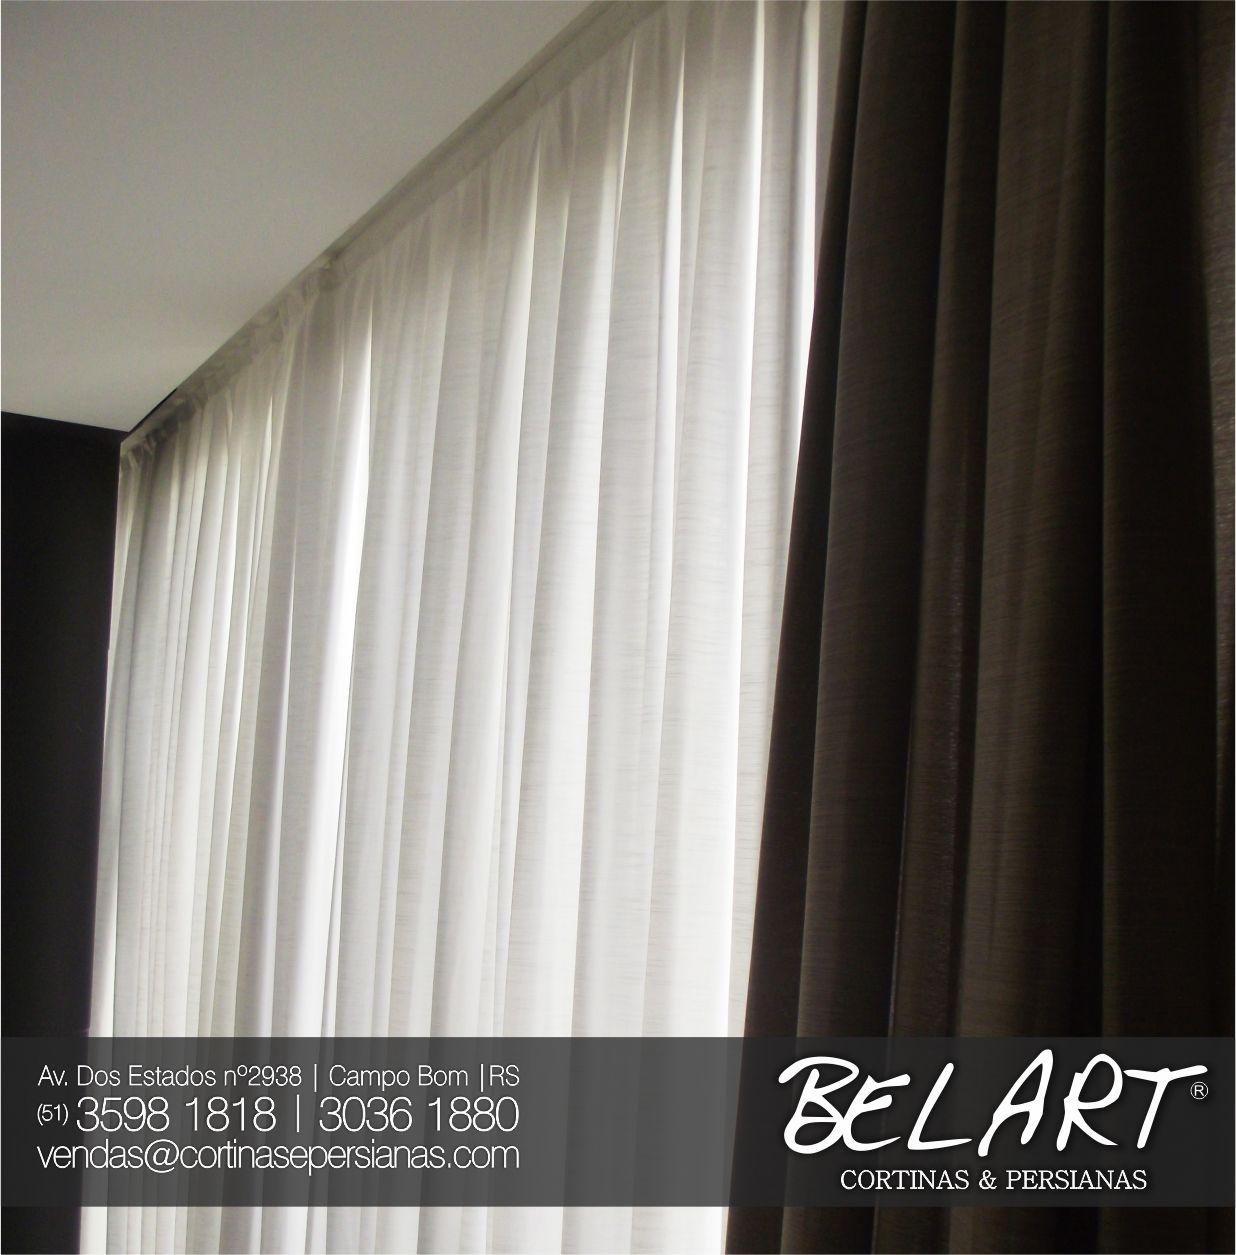 Belart cortinas persianas modelos de cortinas em tecido for Cortinas modelos 2016